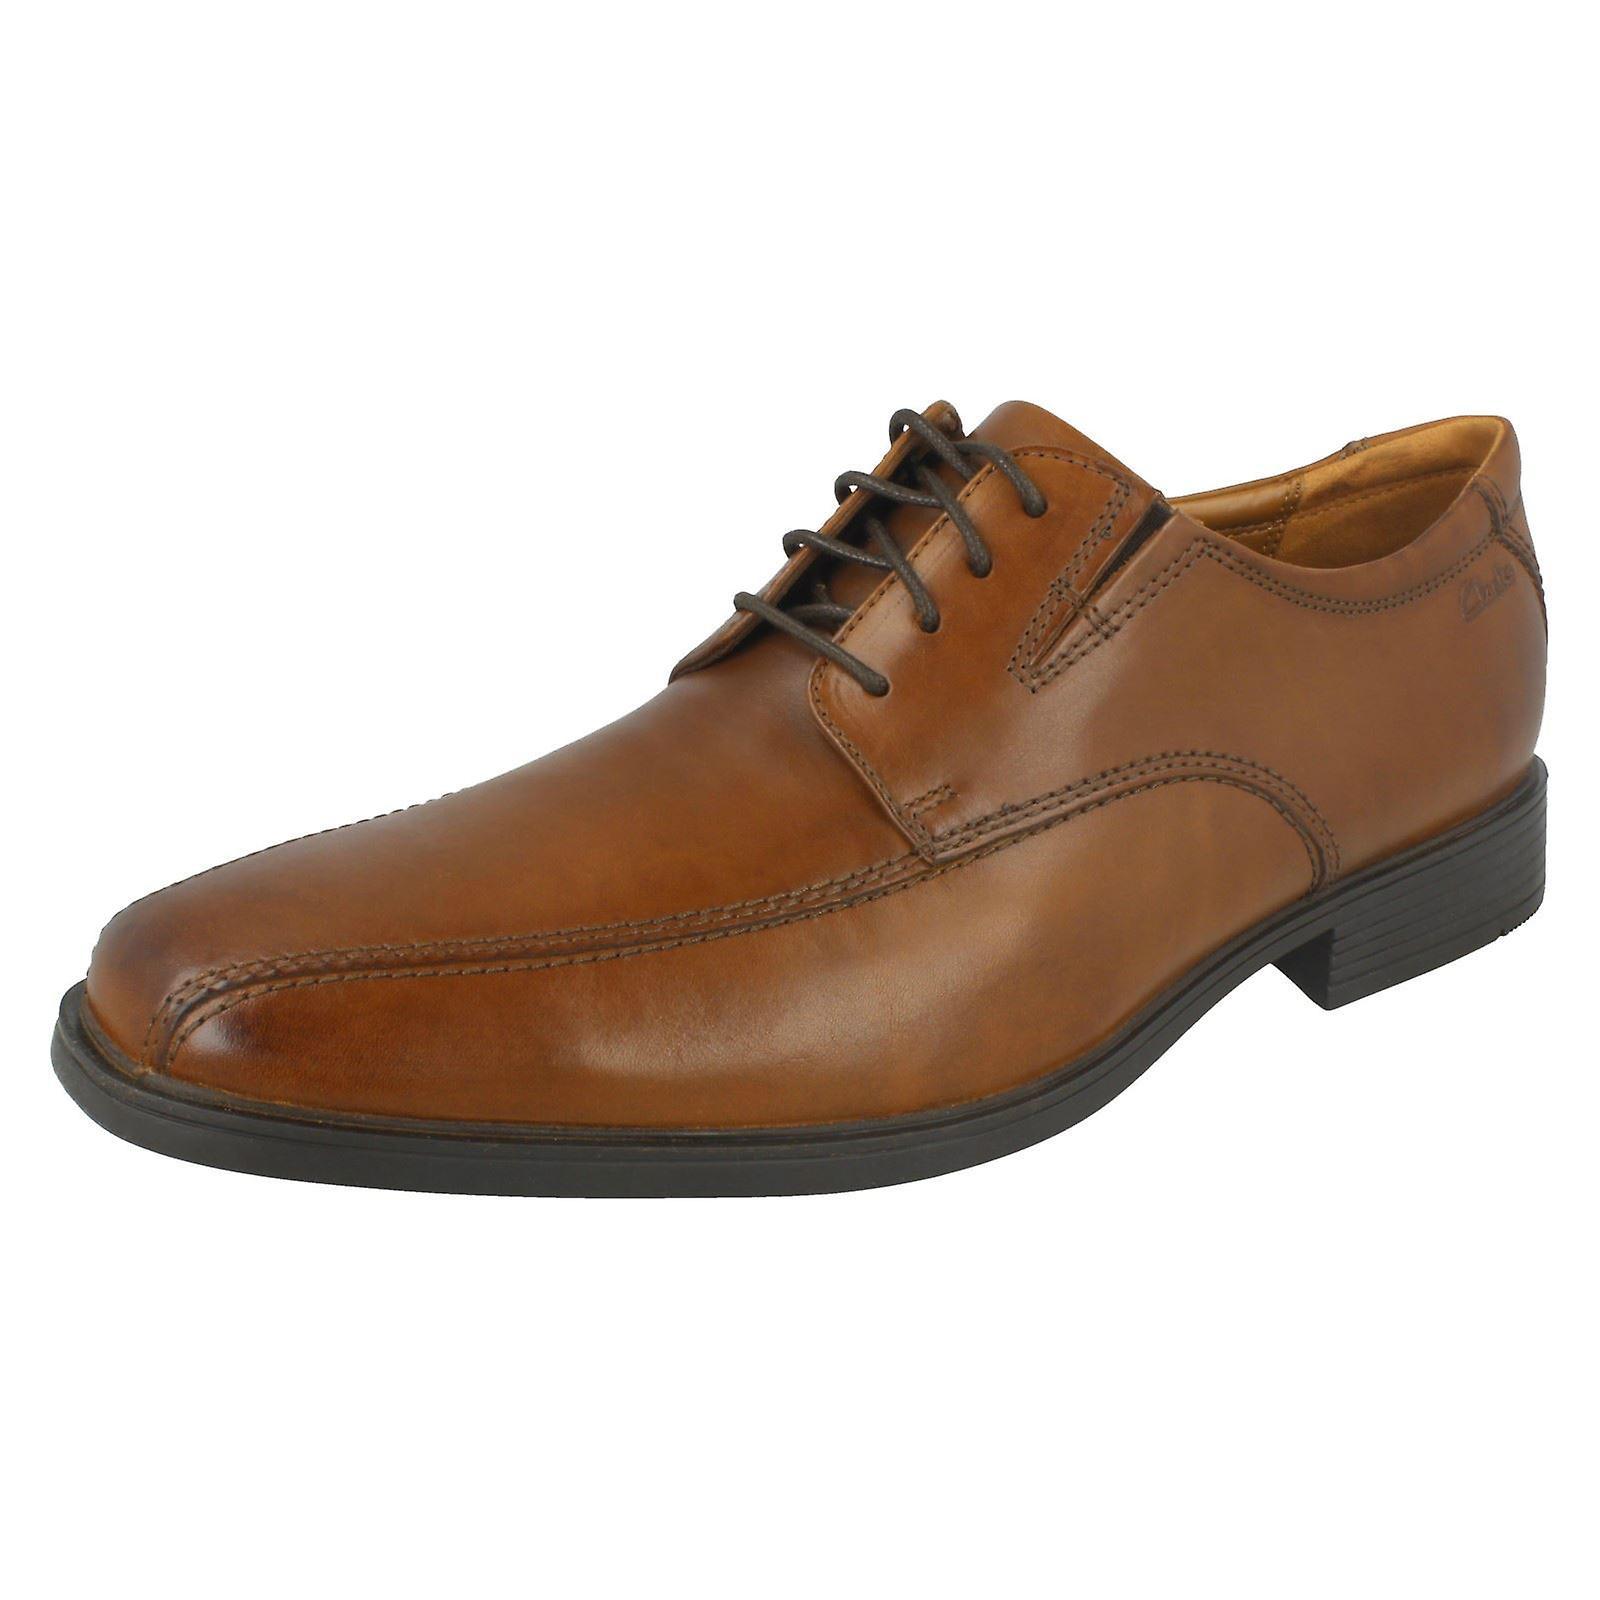 Mens Clarks Formal Shoes Tilden Walk Fruugo